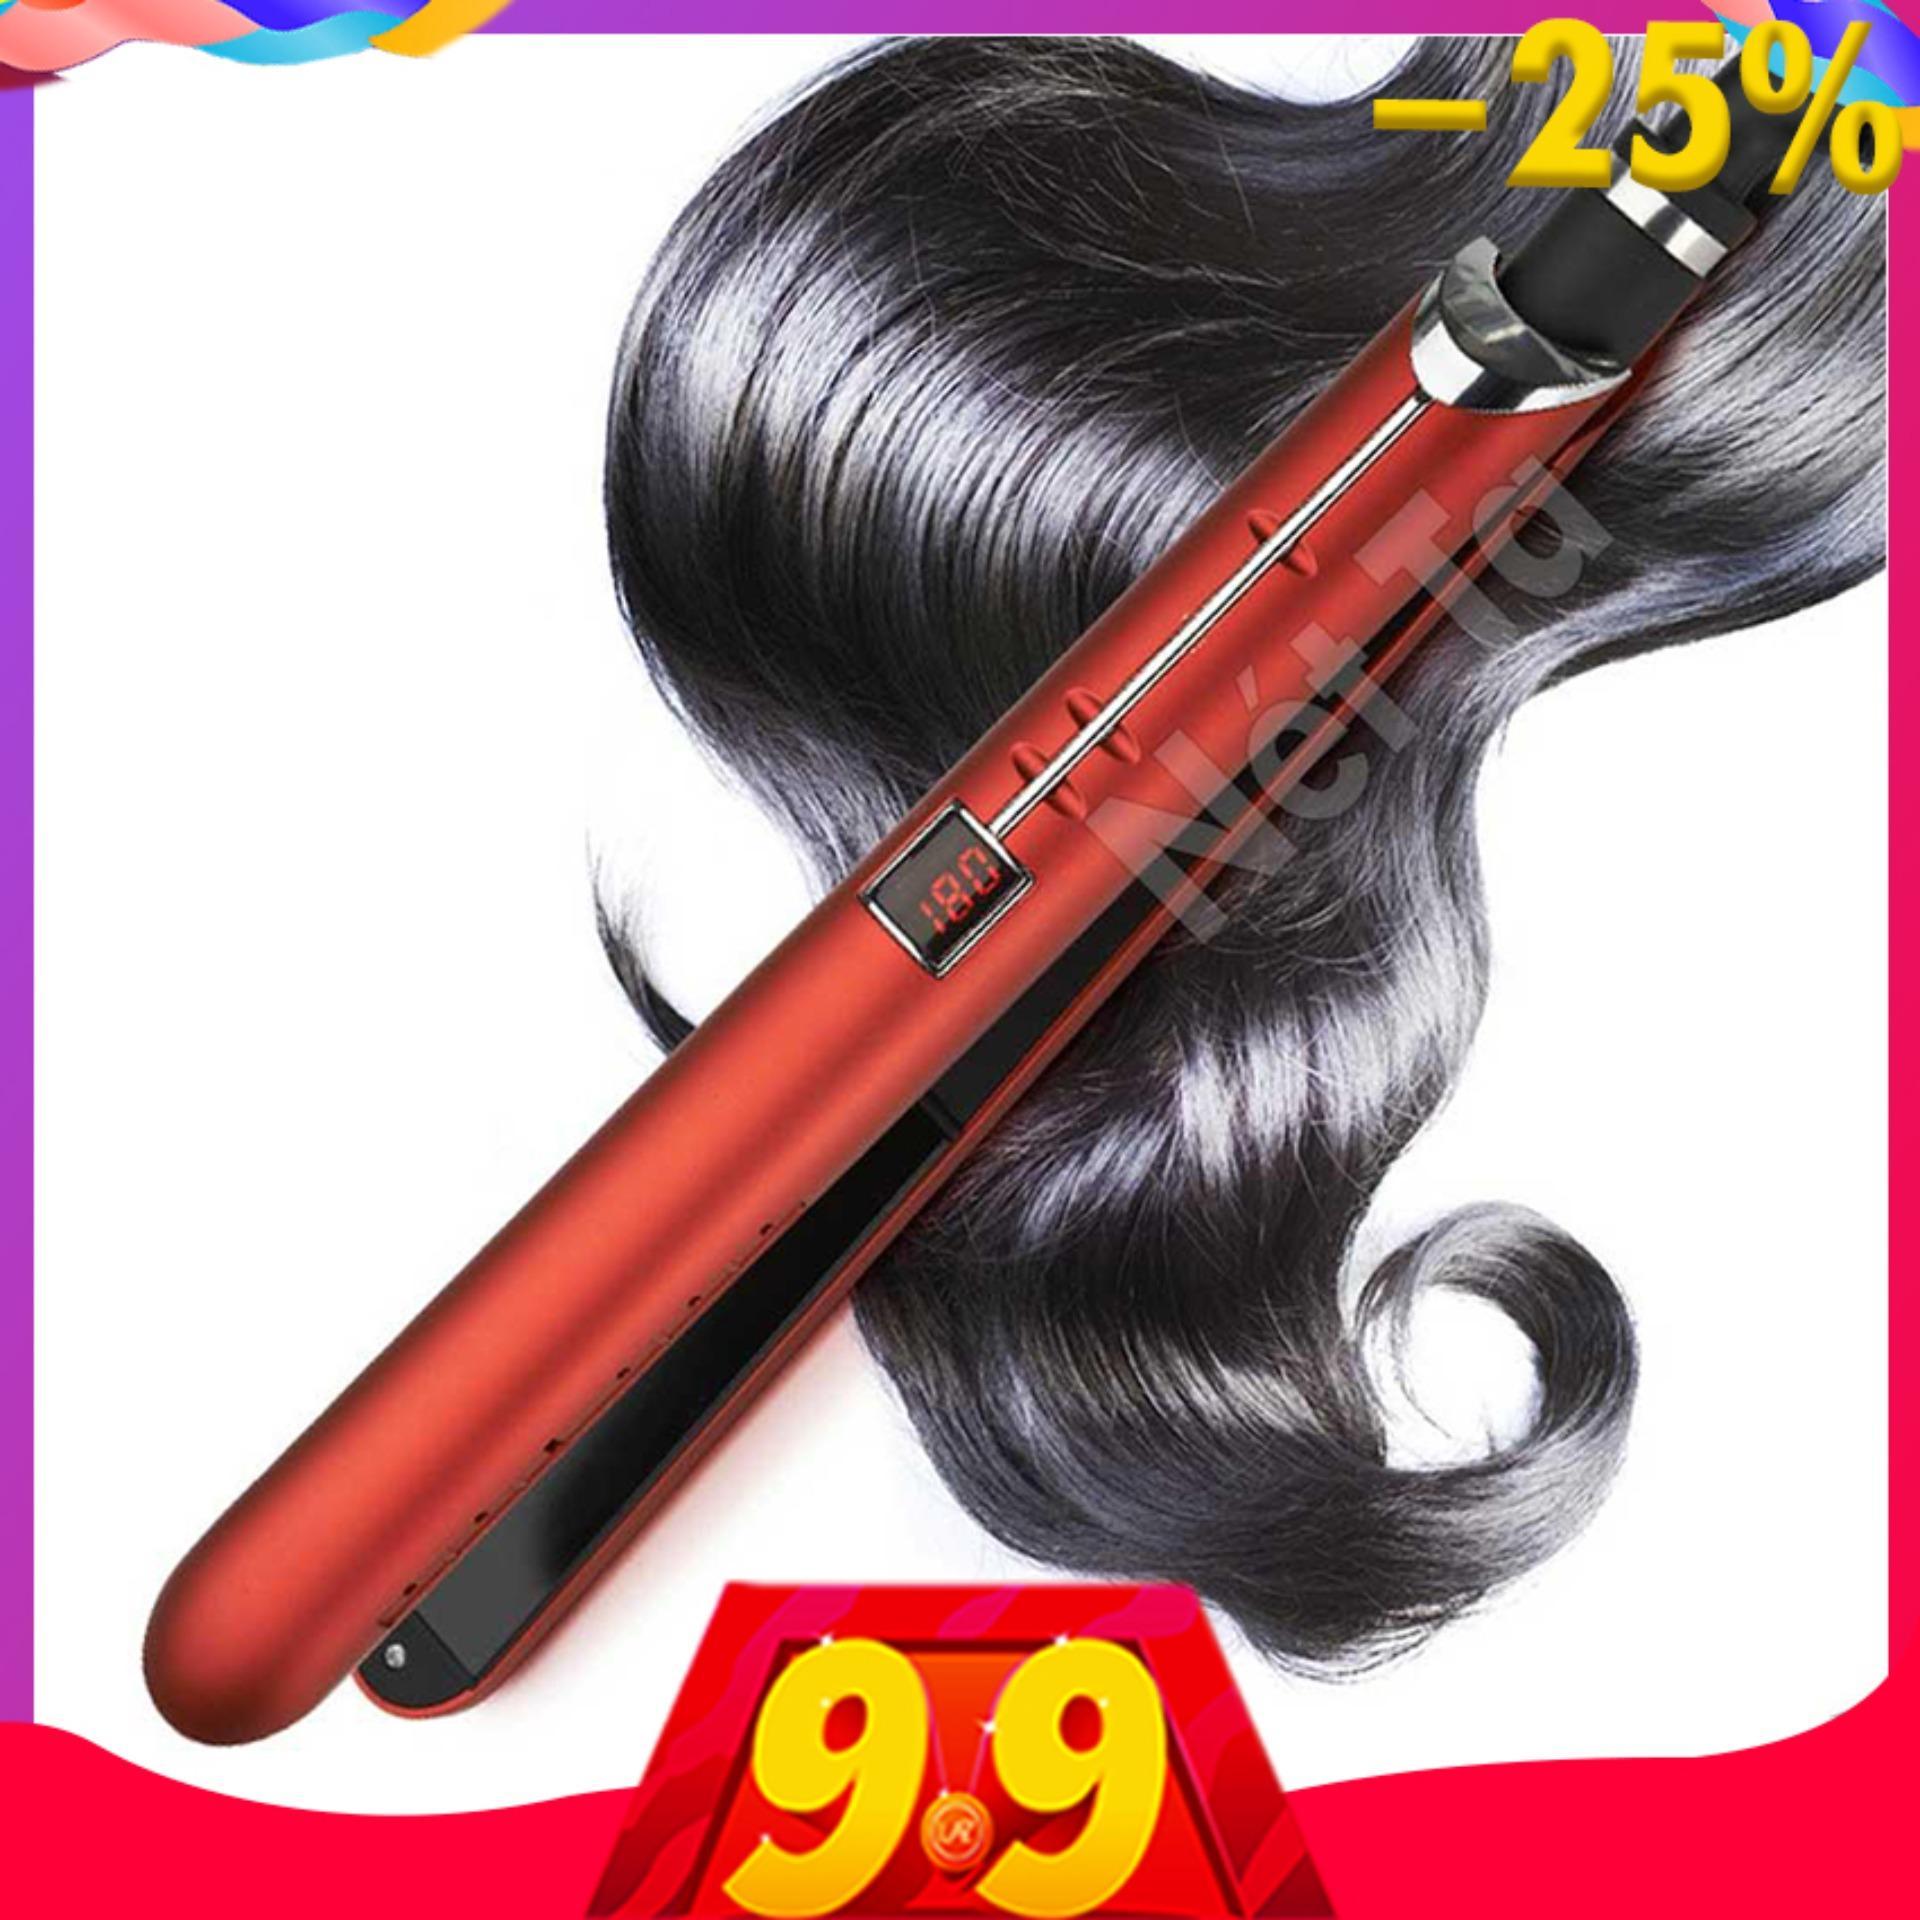 Máy duỗi tóc điều chỉnh nhiệt độ cao cấp Kemei KM-2205